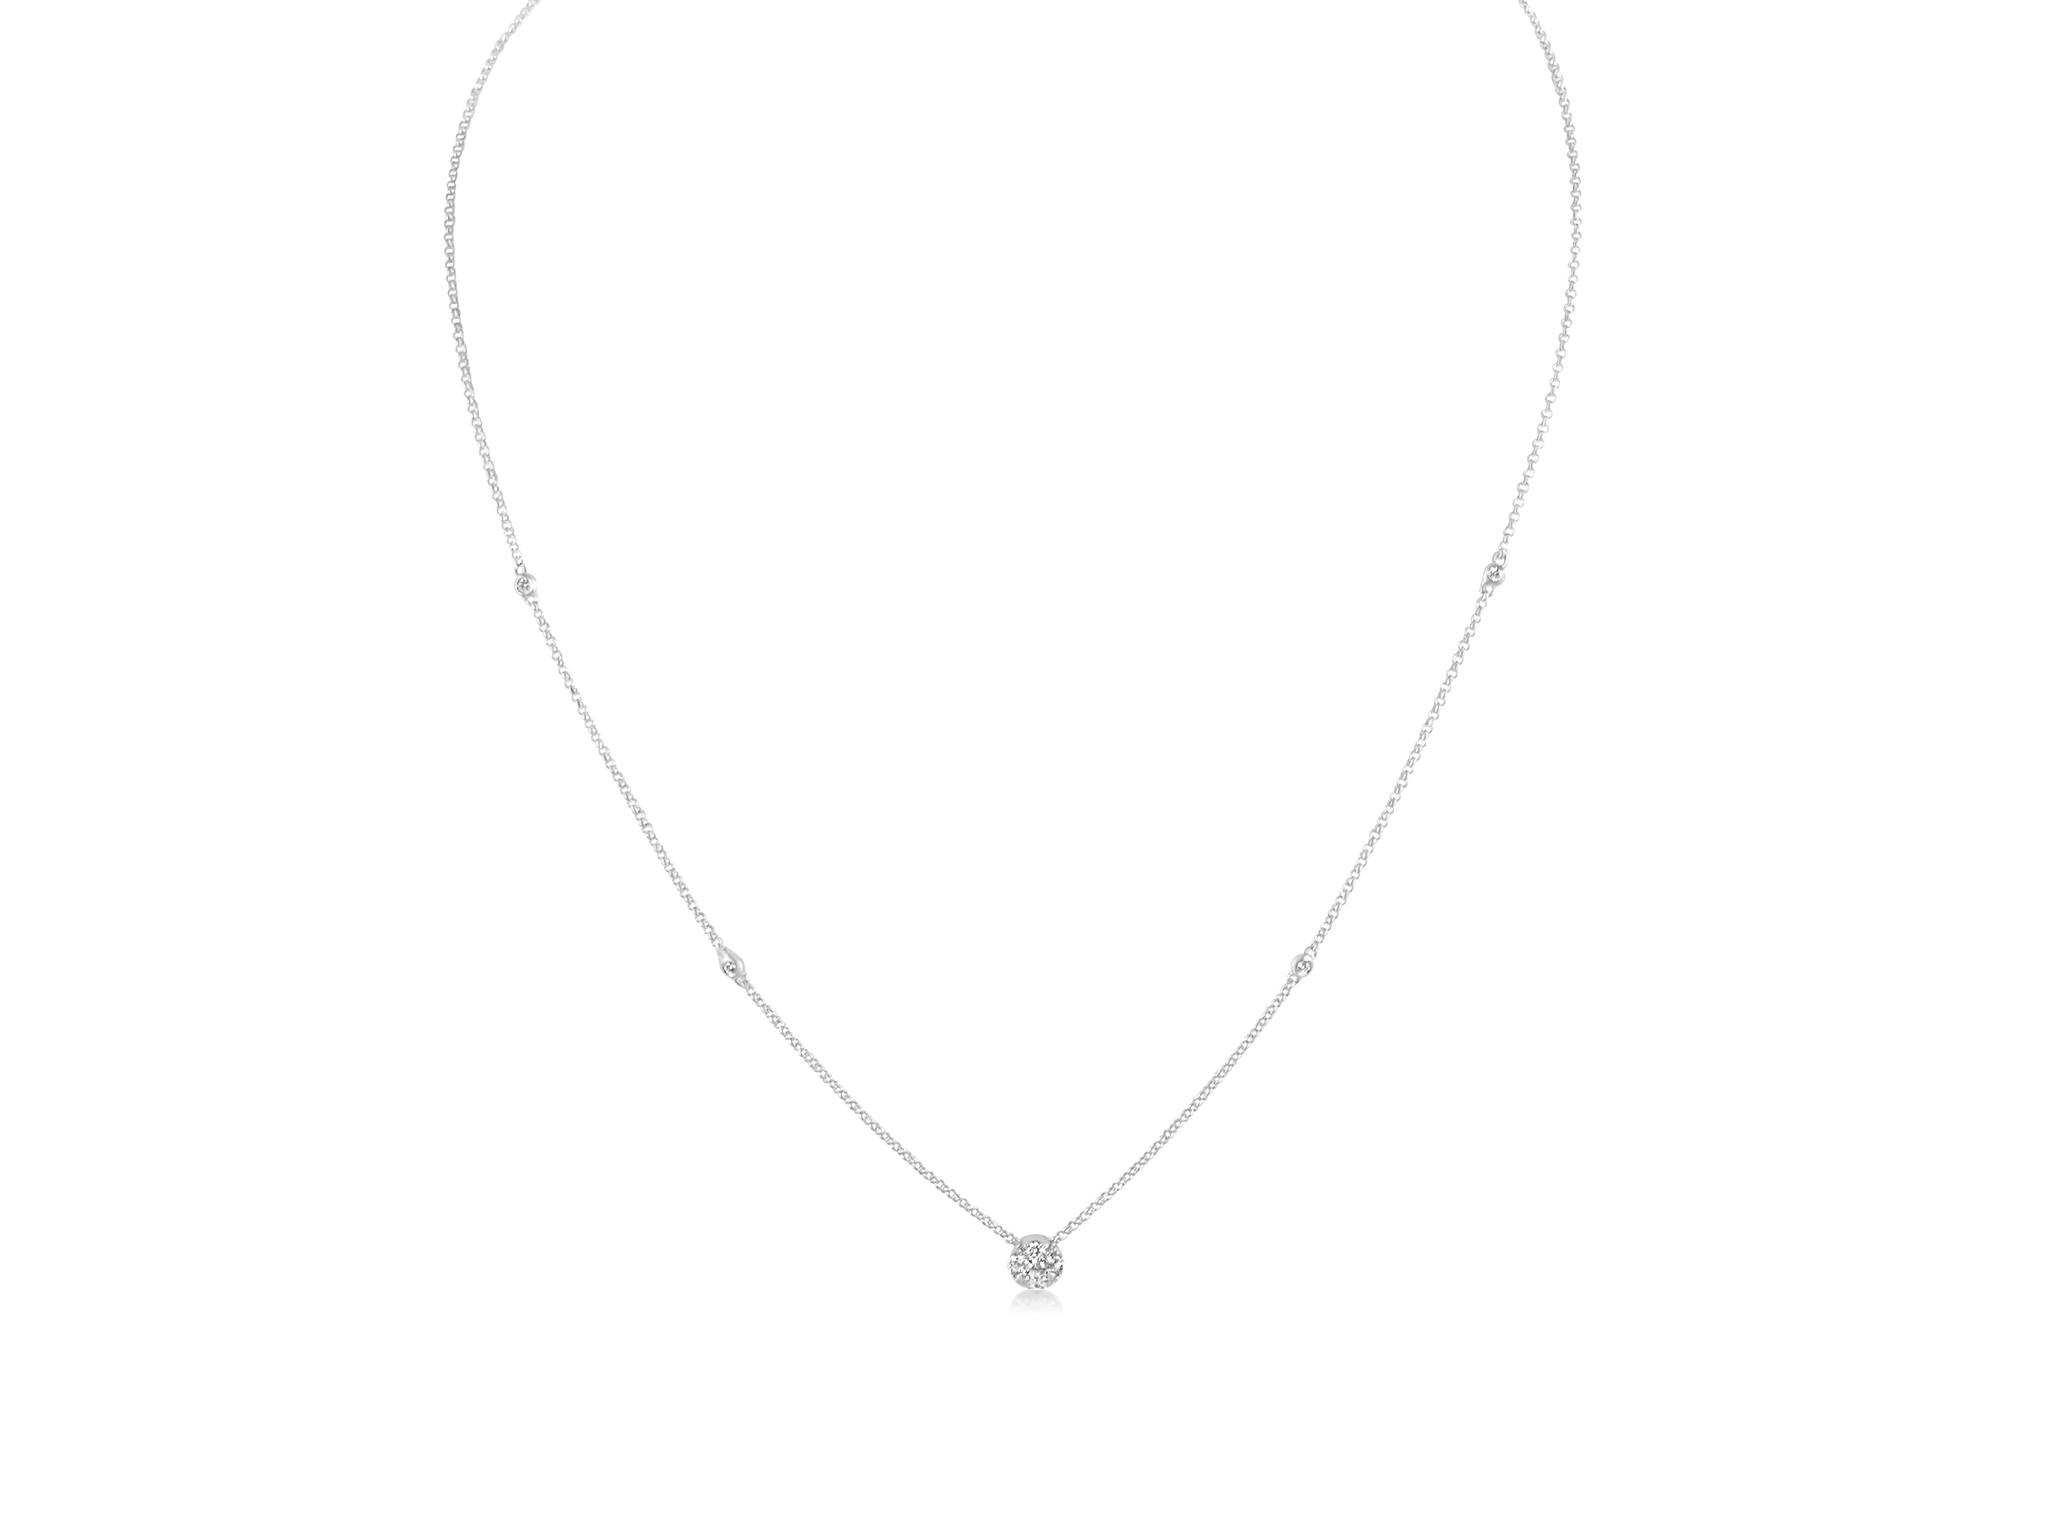 18kt wit goud ketting met 0.24 ct diamanten hangers